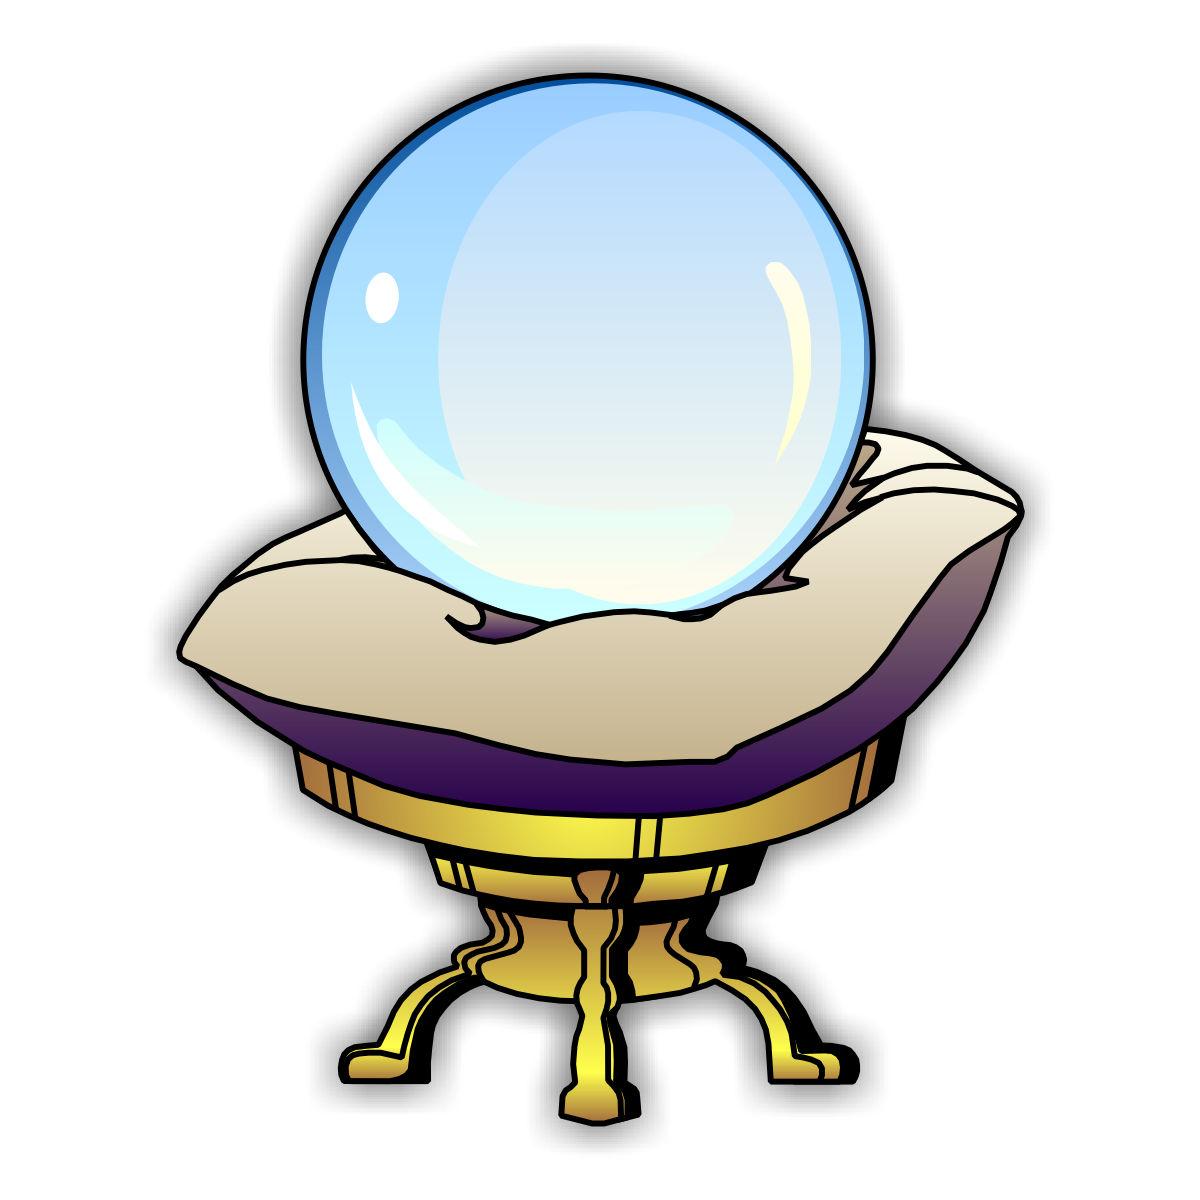 Crystal Ball Clipart.